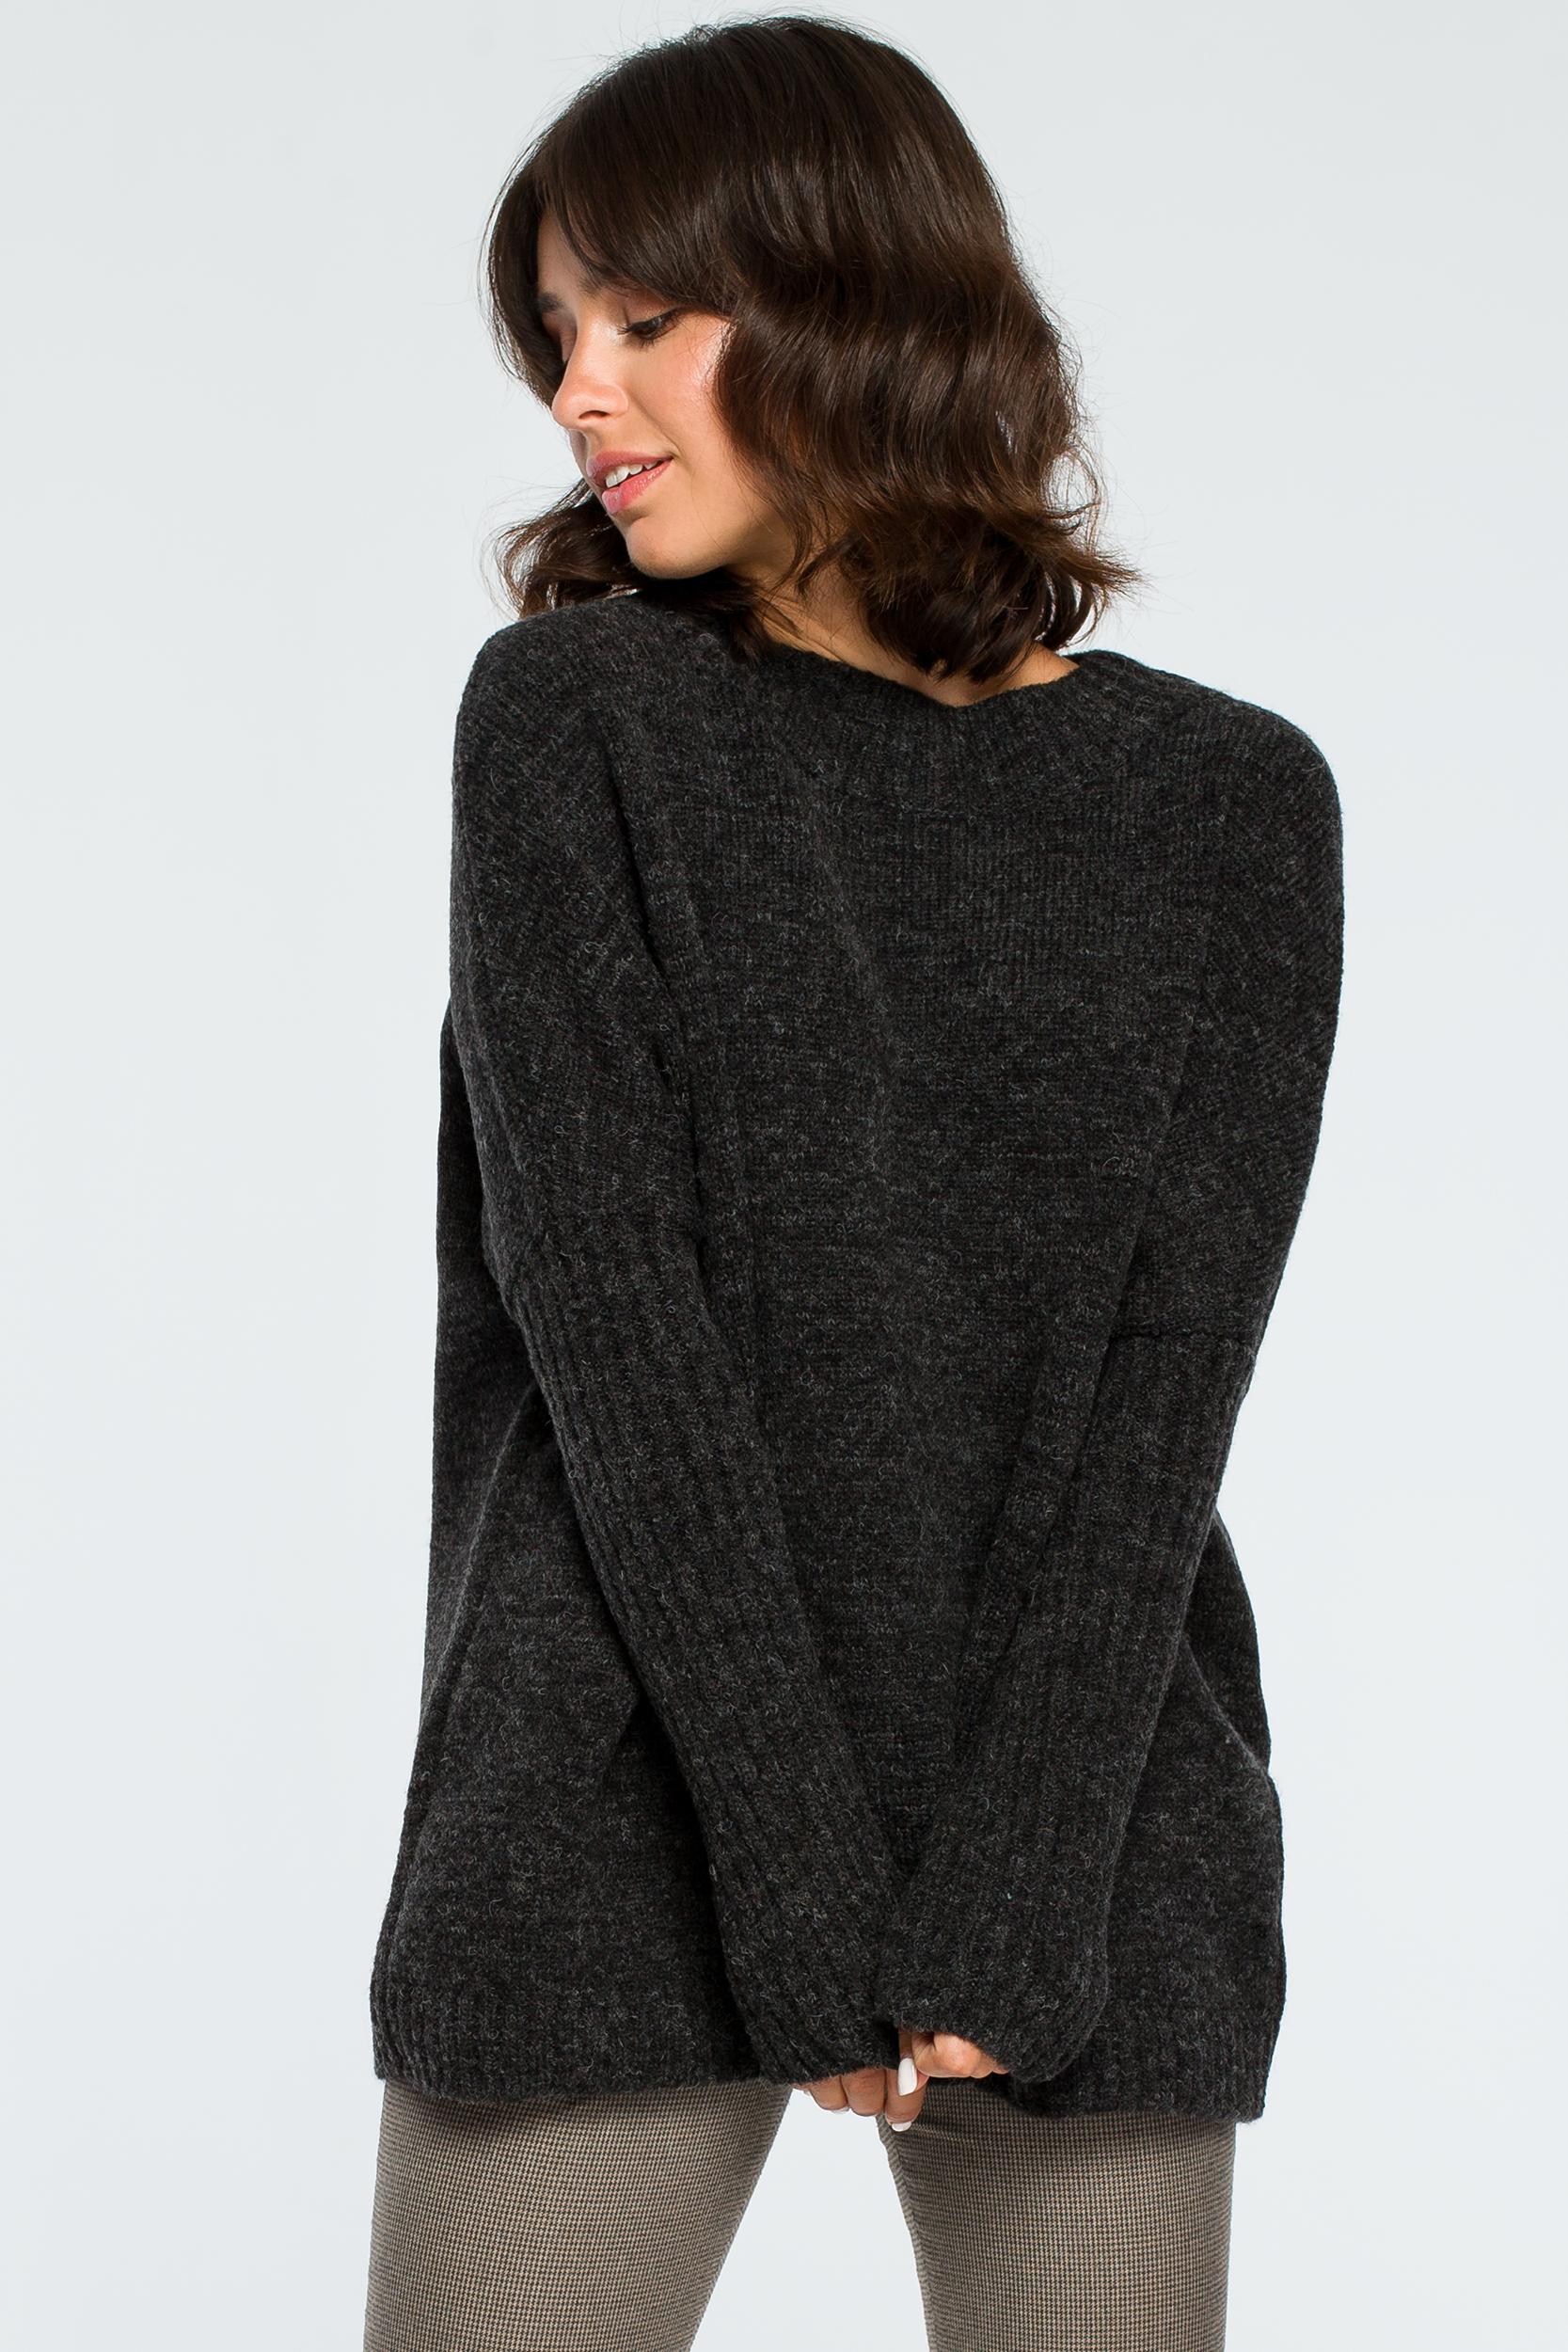 Pullover in Anthrazit Vorderansicht